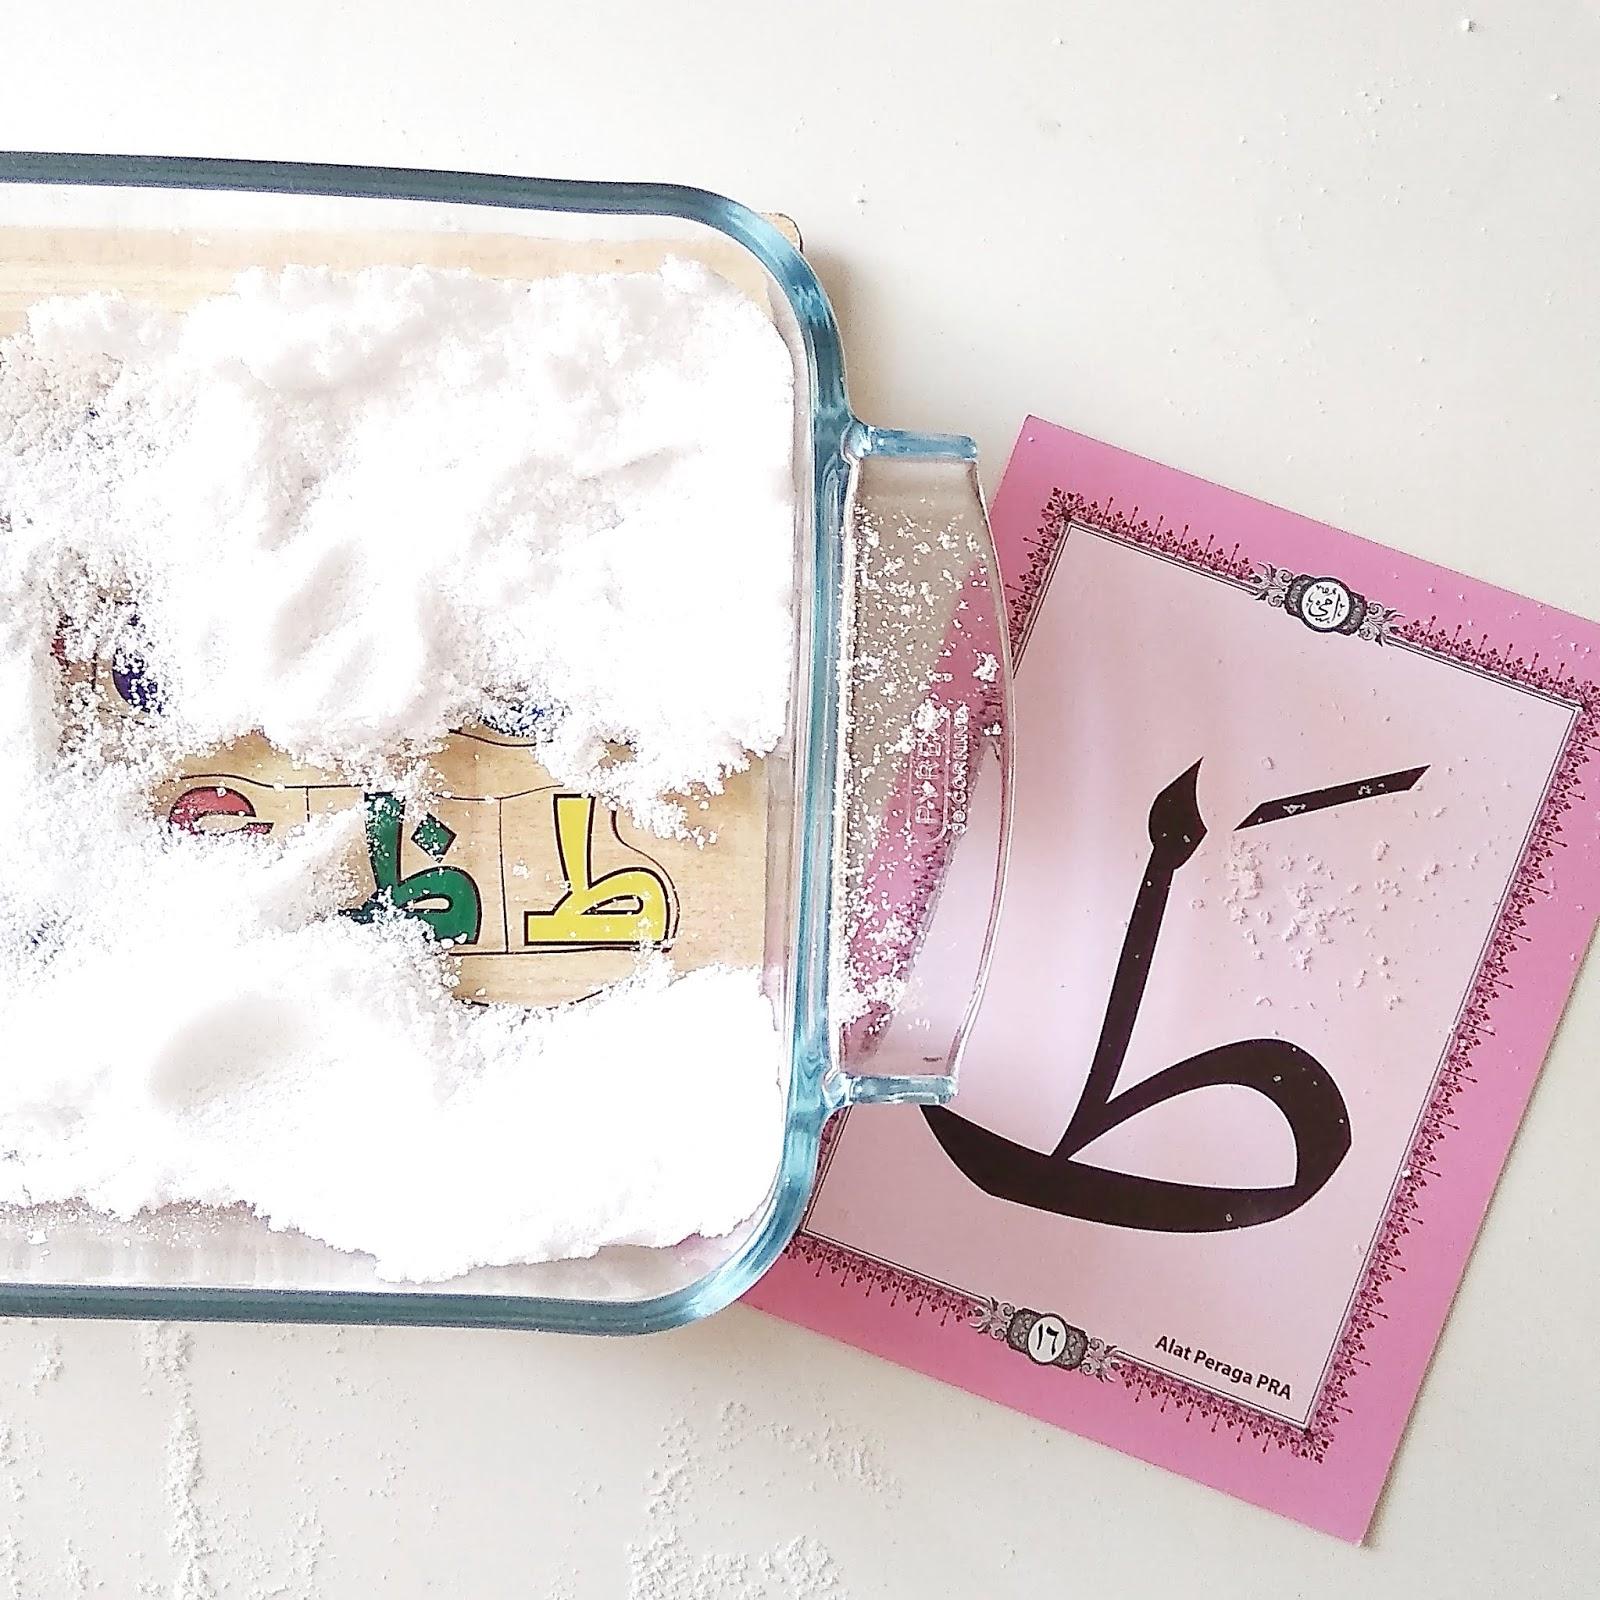 Selain untuk huruf besar kecil wadah kaca & garam ini juga saya gunakan untuk mengenalkan huruf hijaiyah pada Aliyah Kebetulan Aliyah punya puzzle huruf